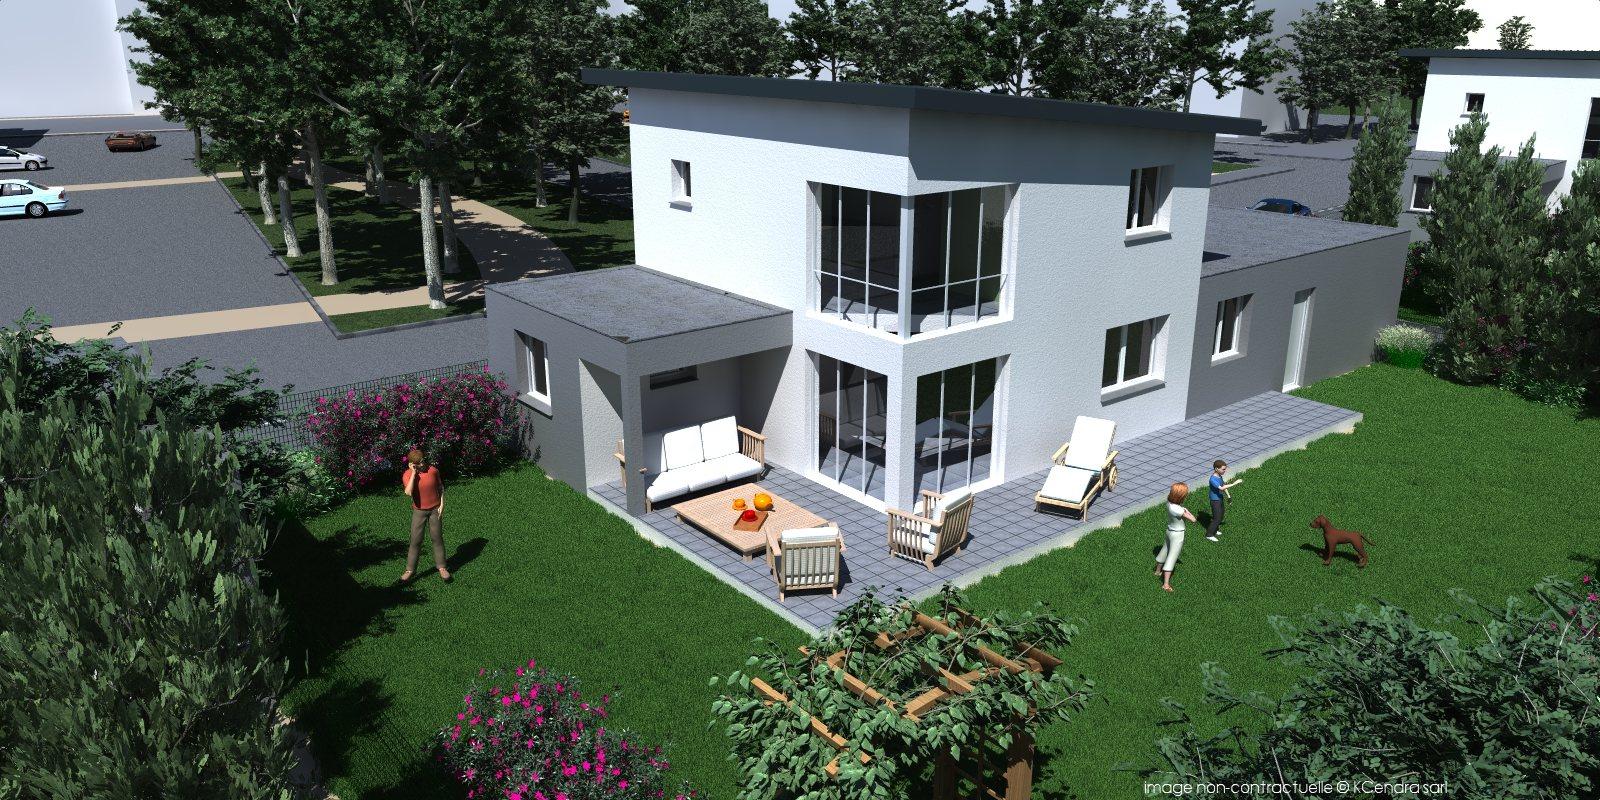 Programme les villas bourguignon bp immobilier for Piscine diabolo a bourg de peage